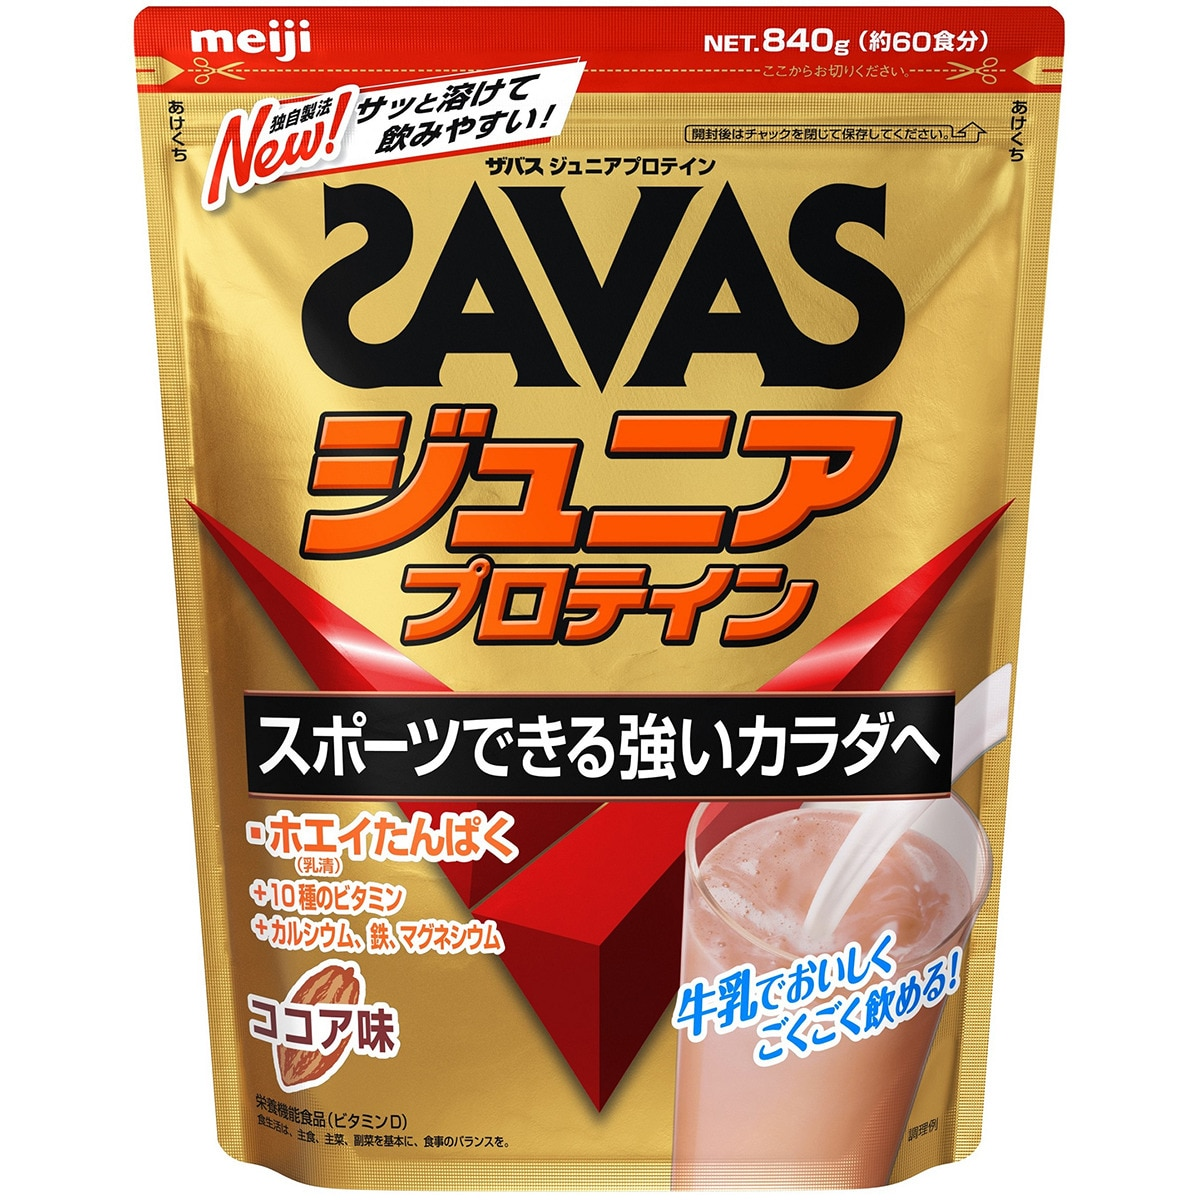 SAVAS ジュニア プロテイン ココア風味 2632475 840g 約60食入 FF 0 トレーニング